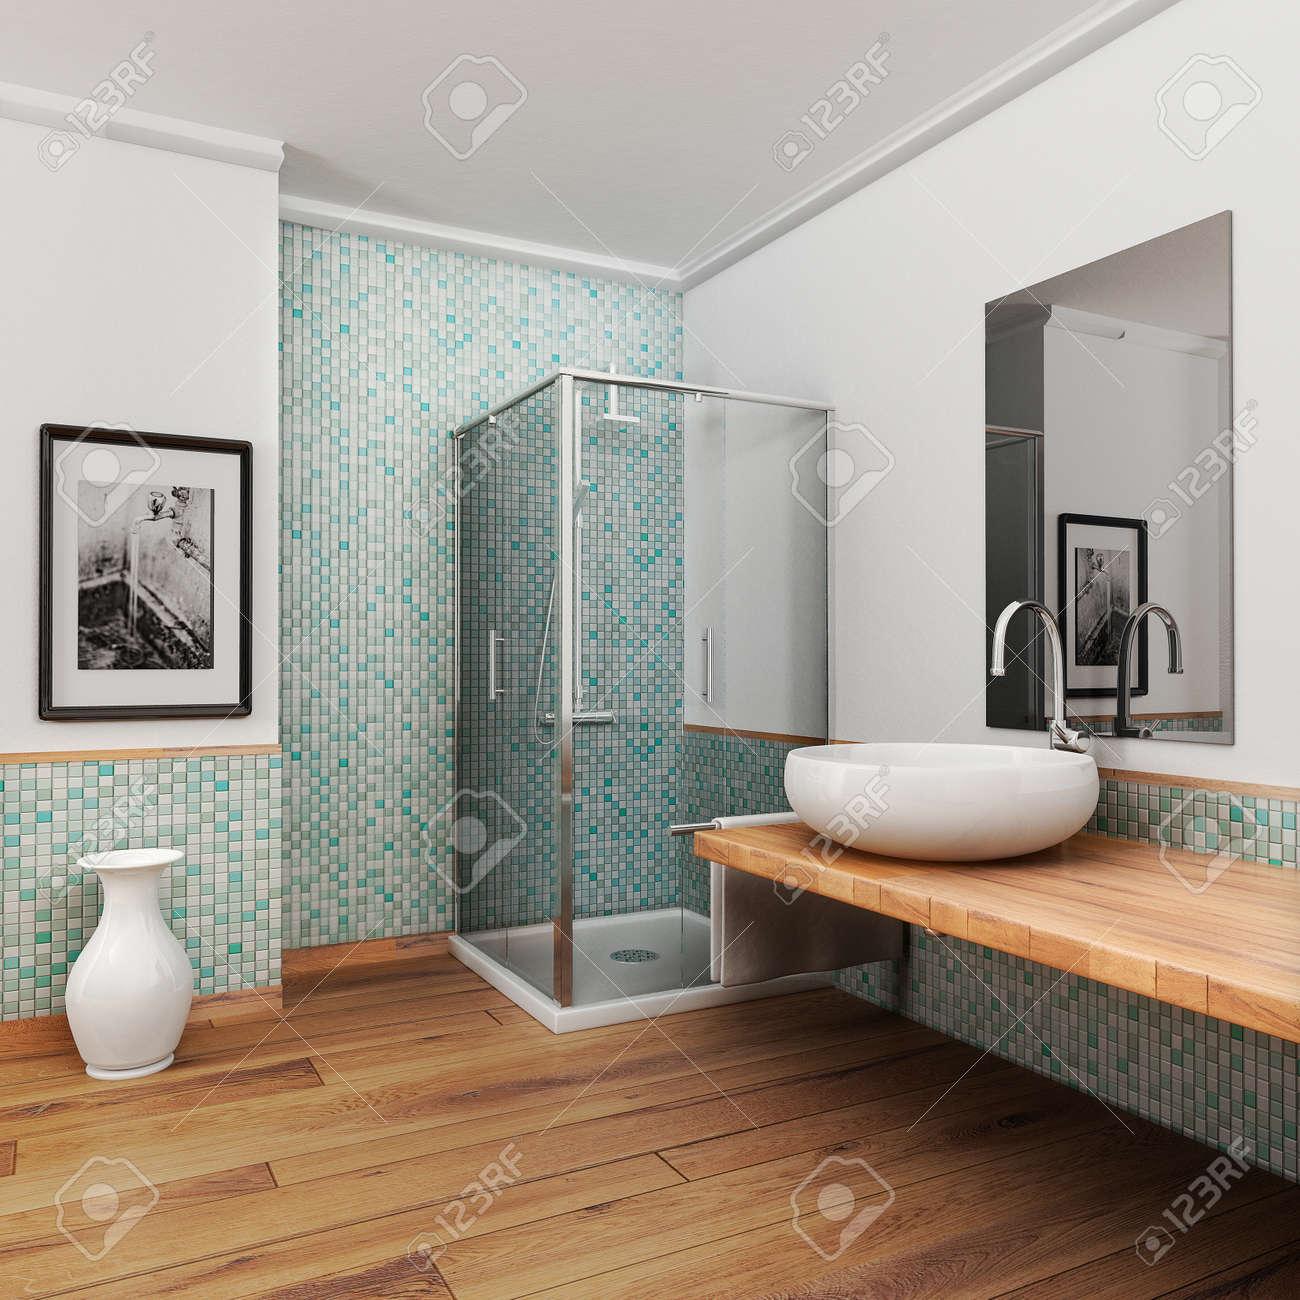 Best Mosaique Salle De Bain Vert Contemporary - Amazing House ...